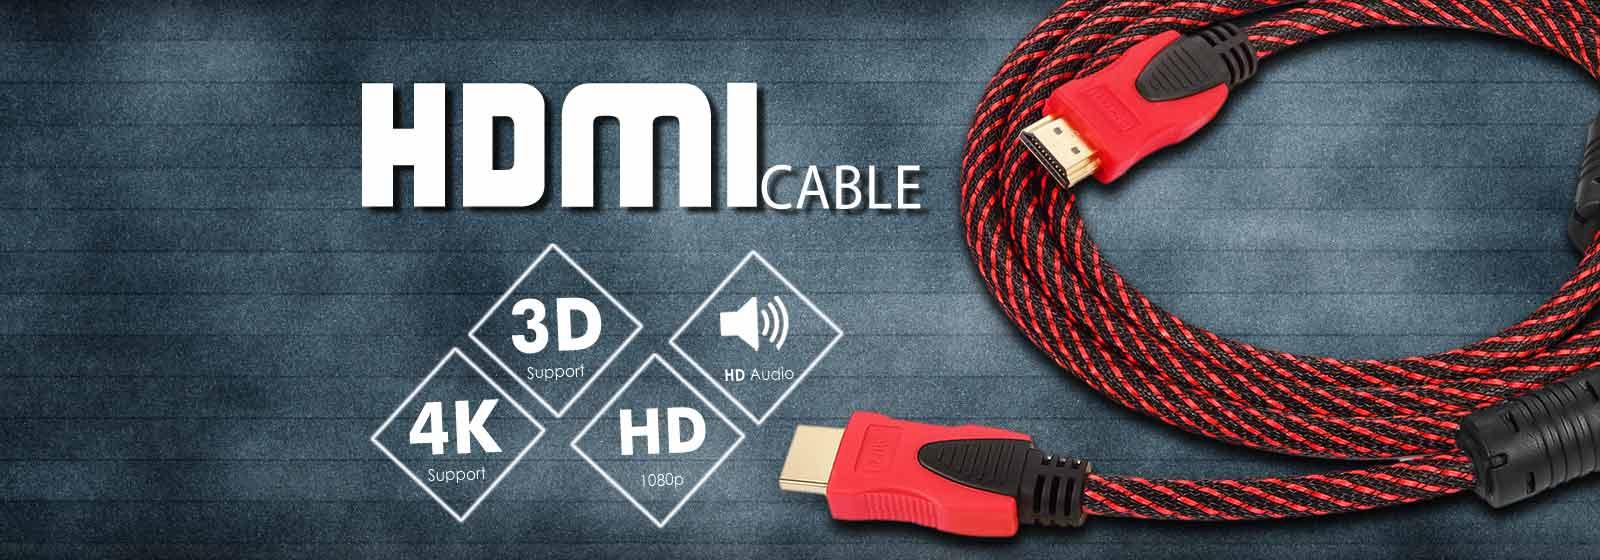 HDMI_banner